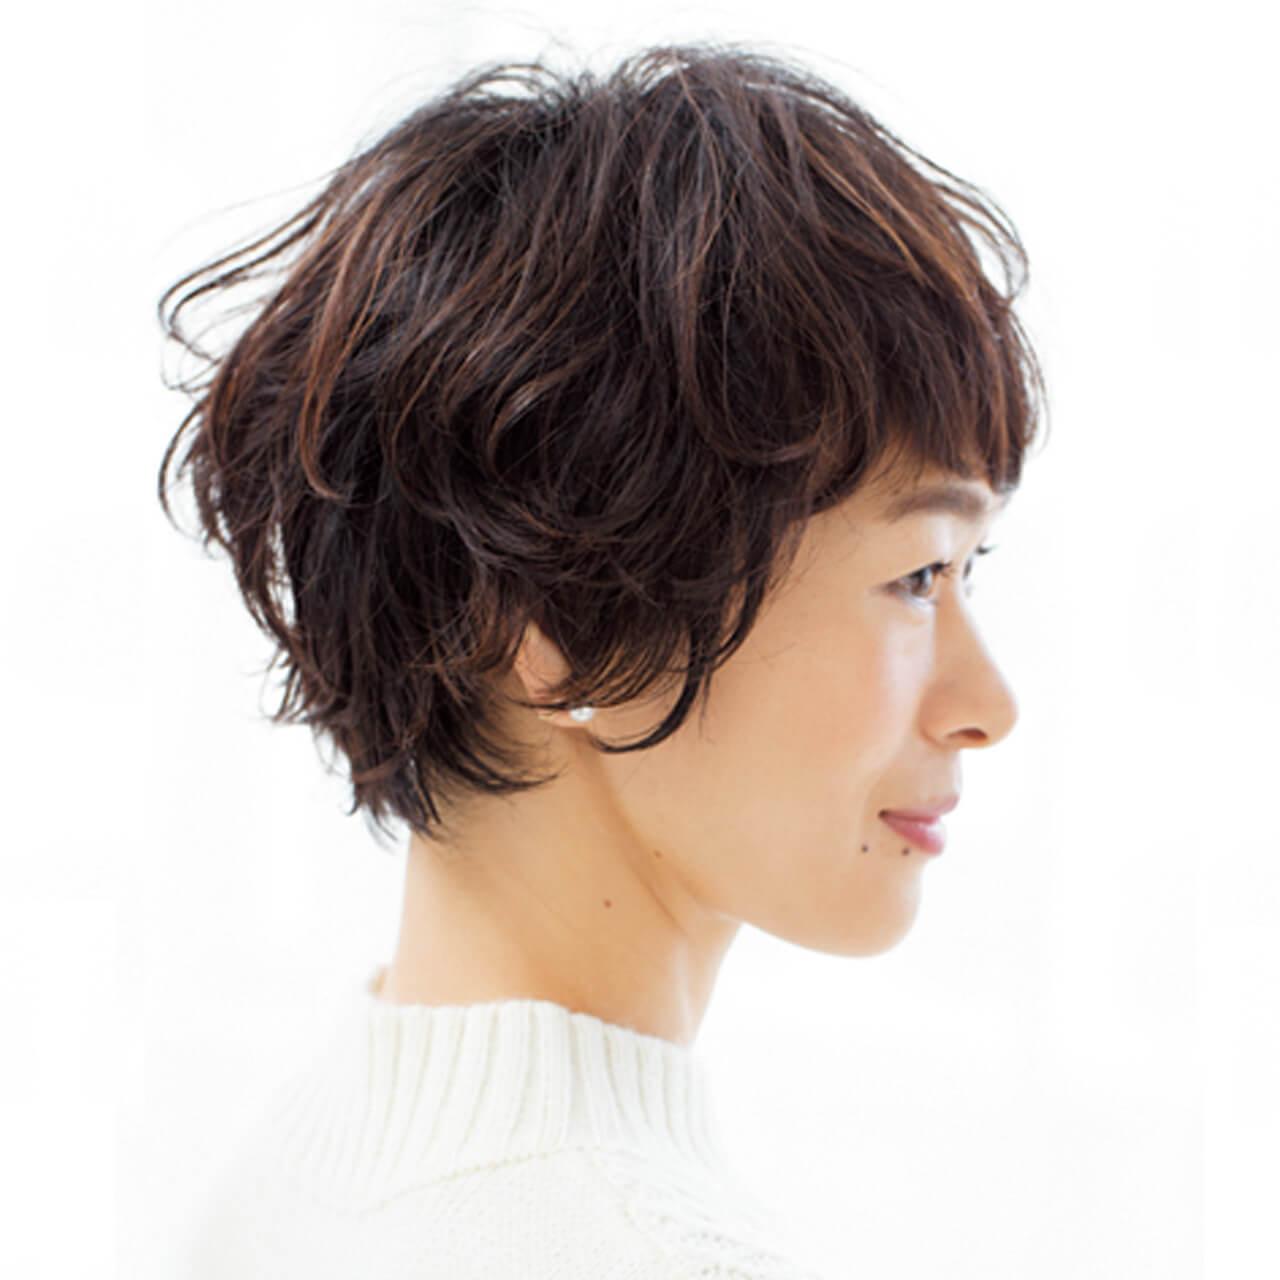 顔まわりのピンパーマで自然な立体感を。キュートなショートヘアの完成!【40代のショートヘア】_1_2